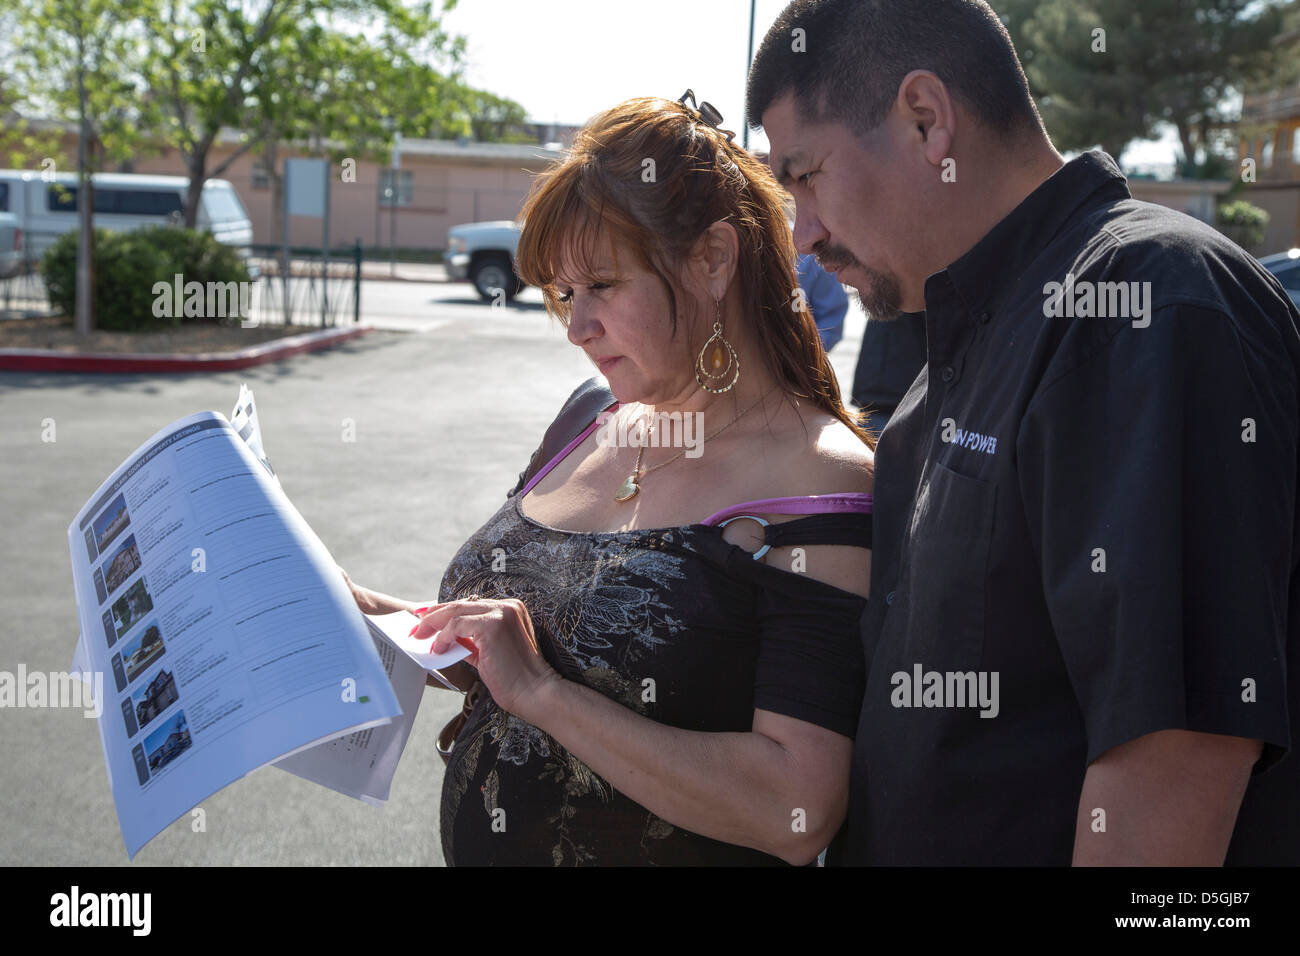 Las Vegas, Nevada - precluso case vengono svenduti al di fuori dell'ufficio del Nevada Notizie Legali. Immagini Stock